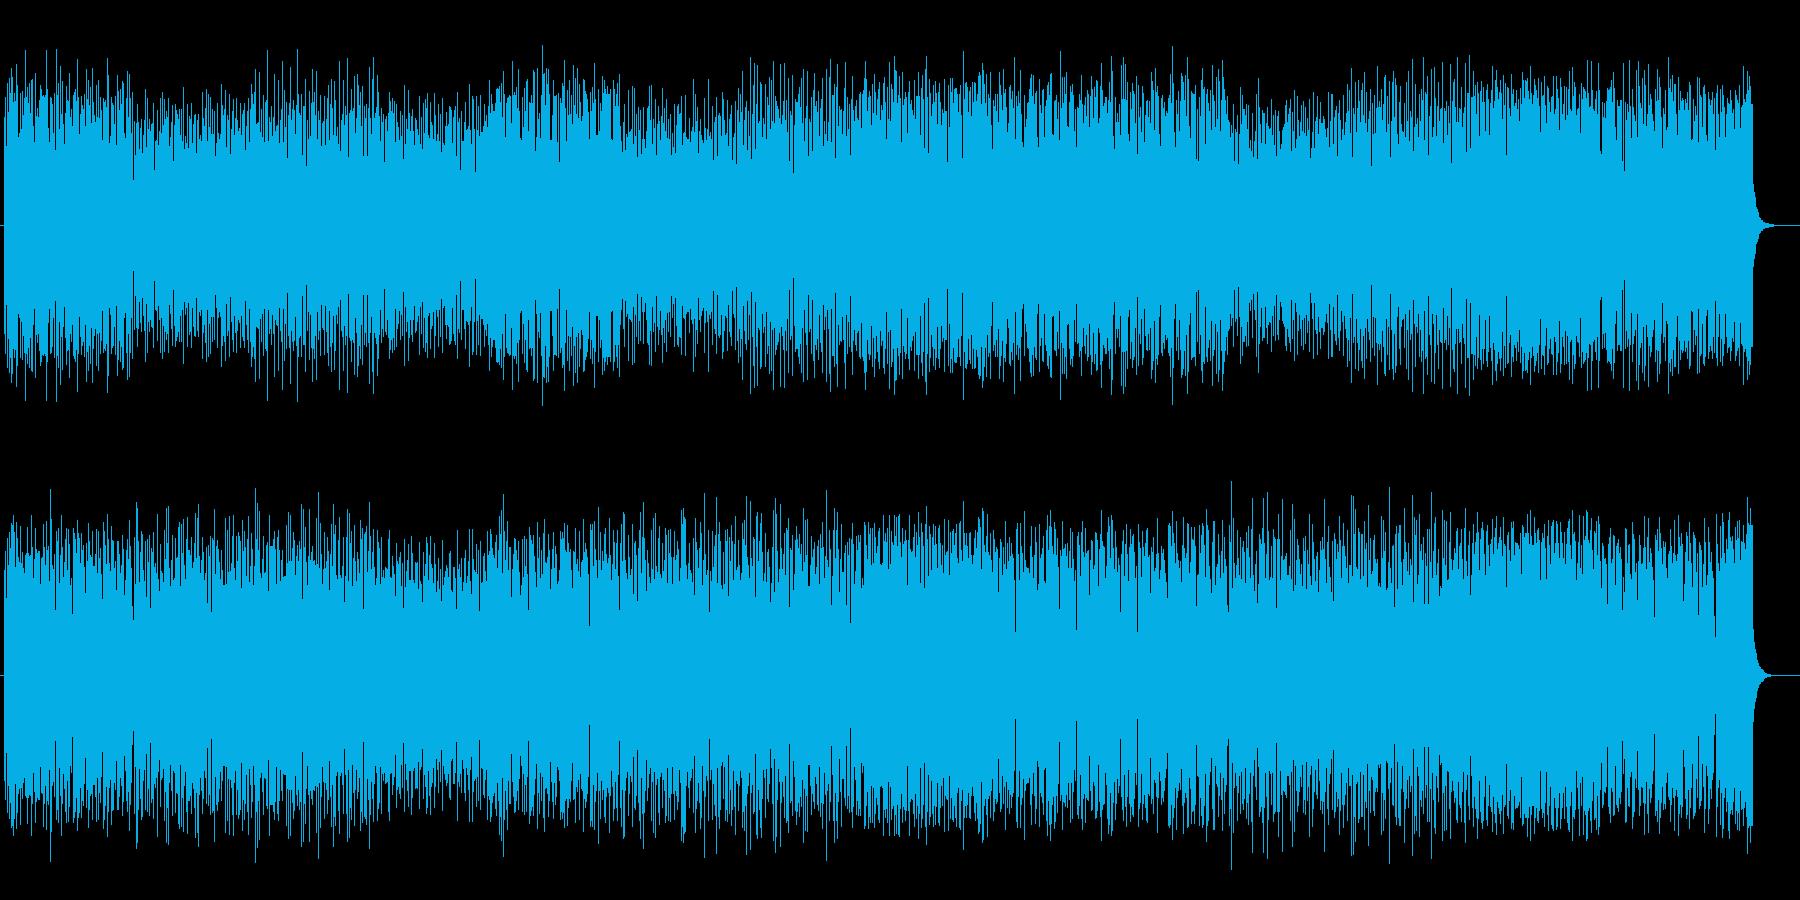 疾走感溢れるリズミカルなシンセポップスの再生済みの波形